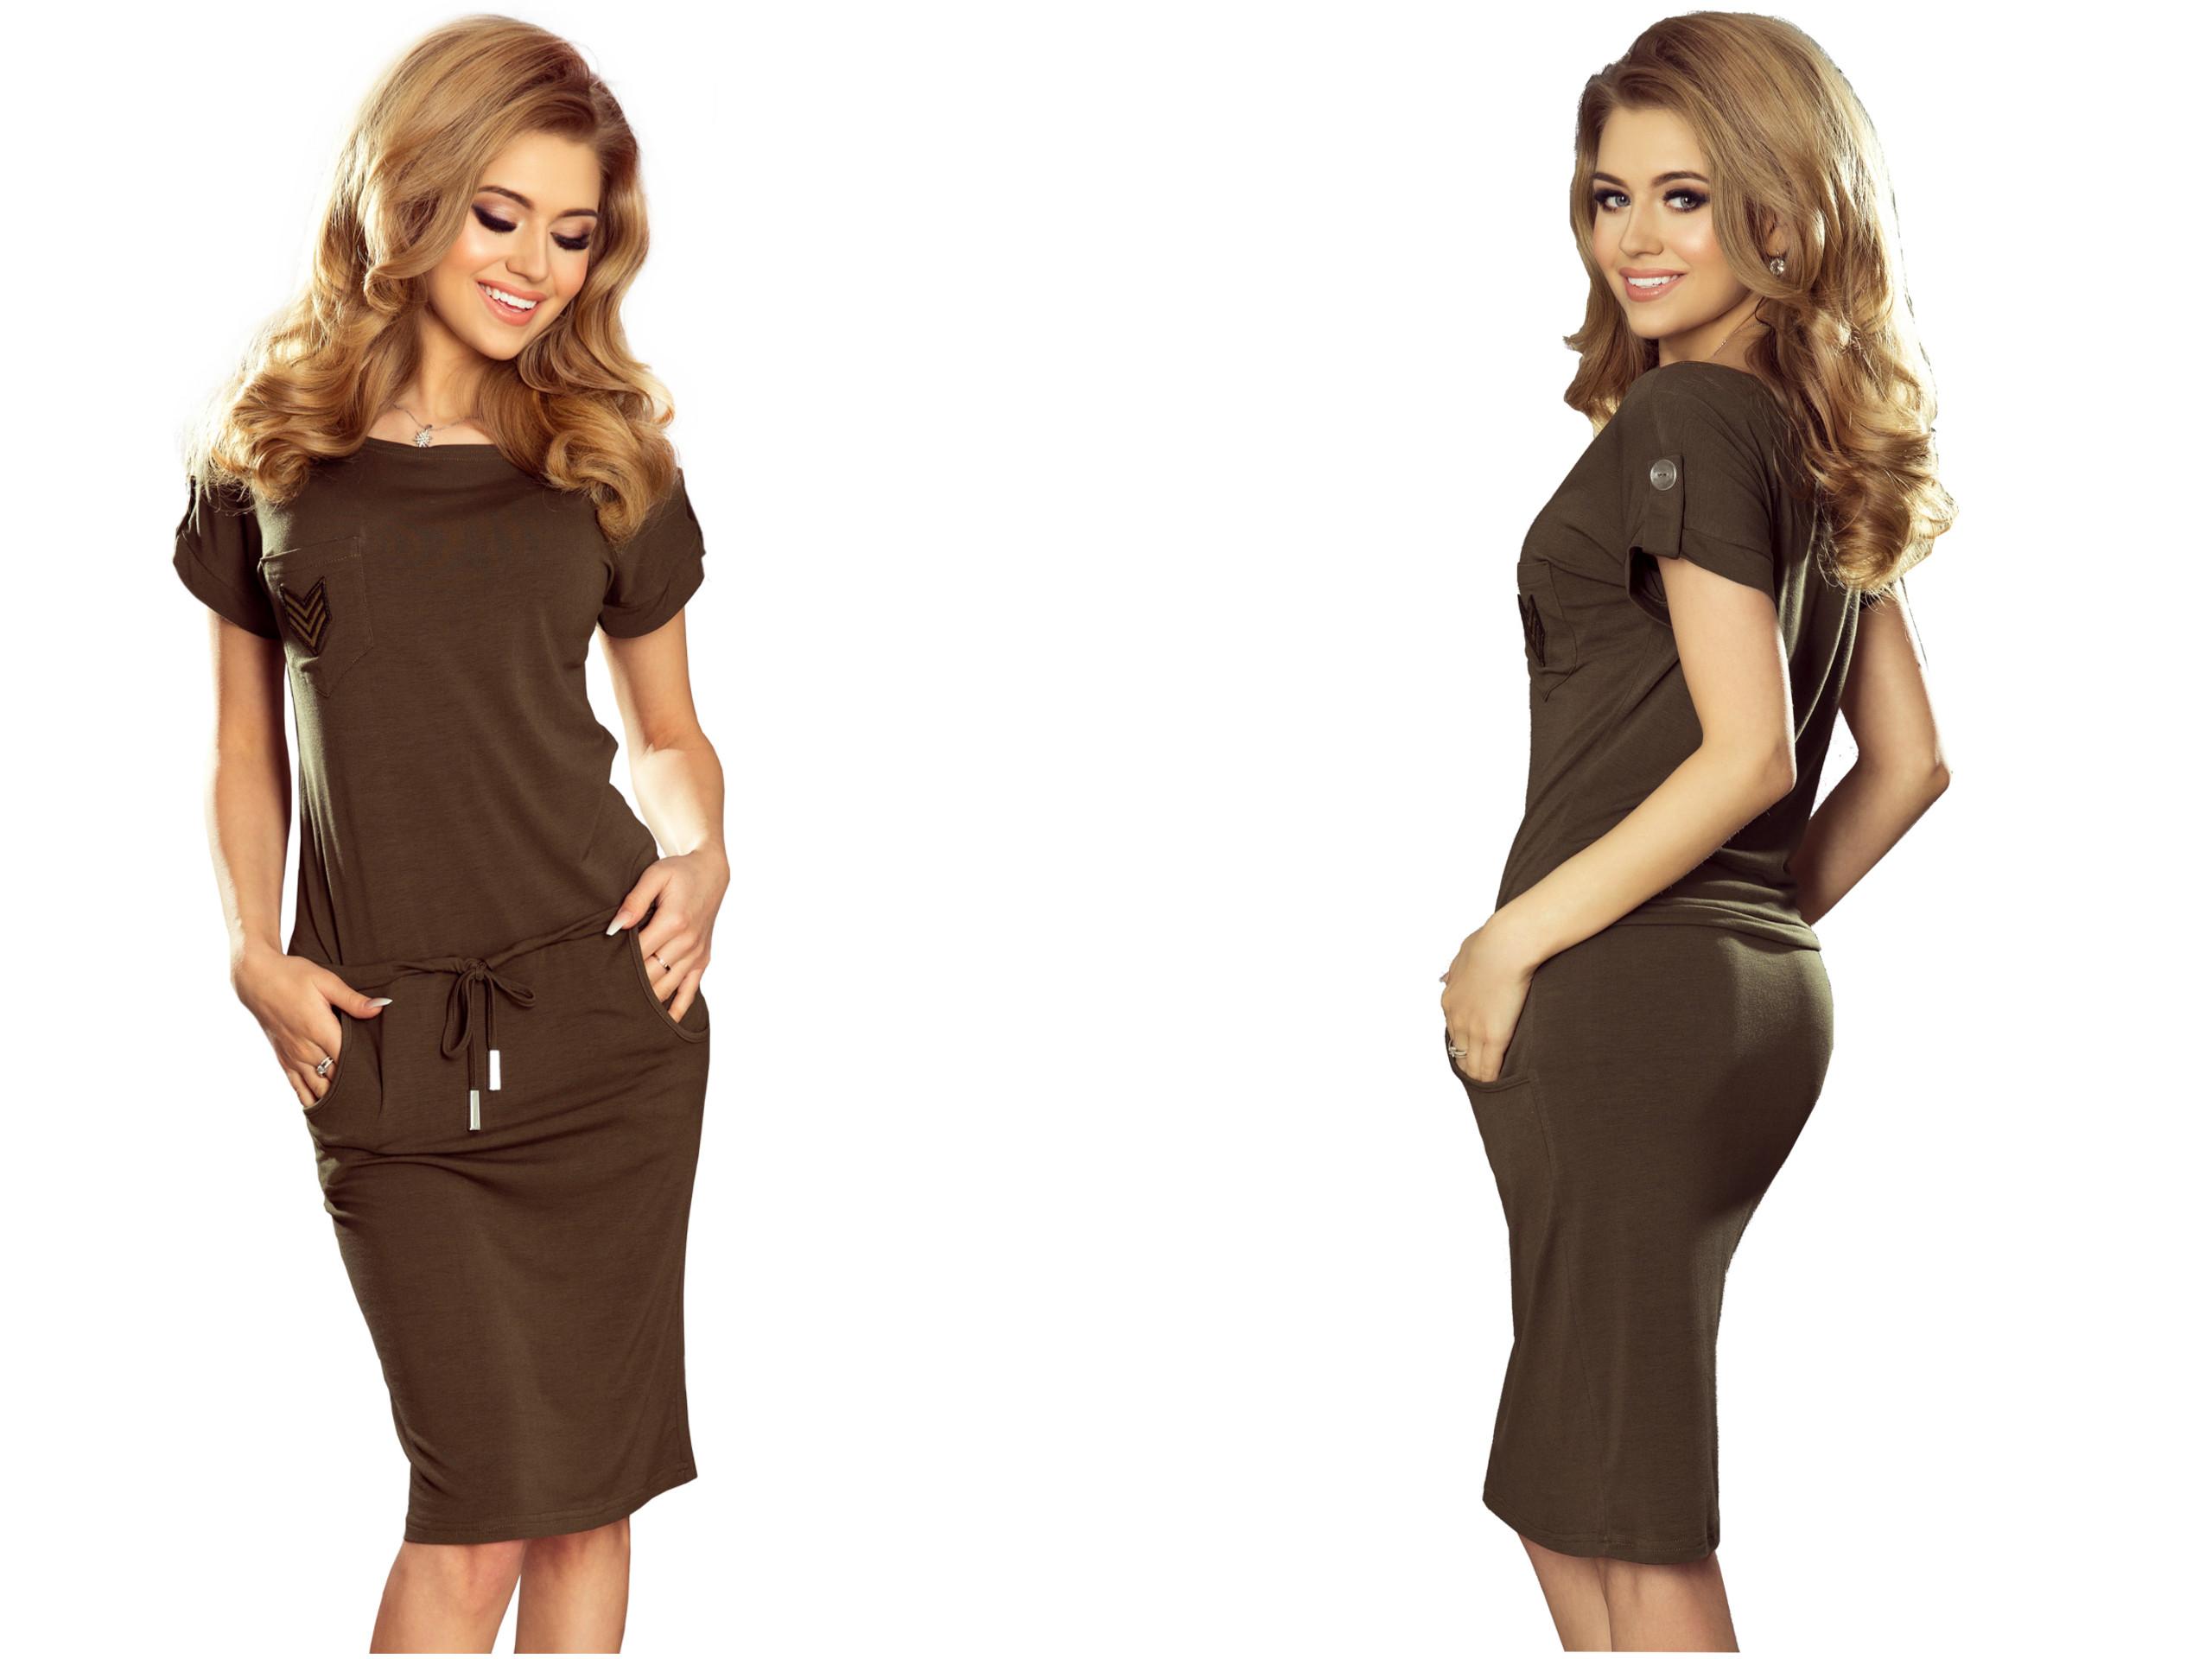 fc26502abf PIĘKNE MODNE Sukienki ZIELONE Z KIESZONKĄ 196-2 XL - 7336229786 - oficjalne  archiwum allegro